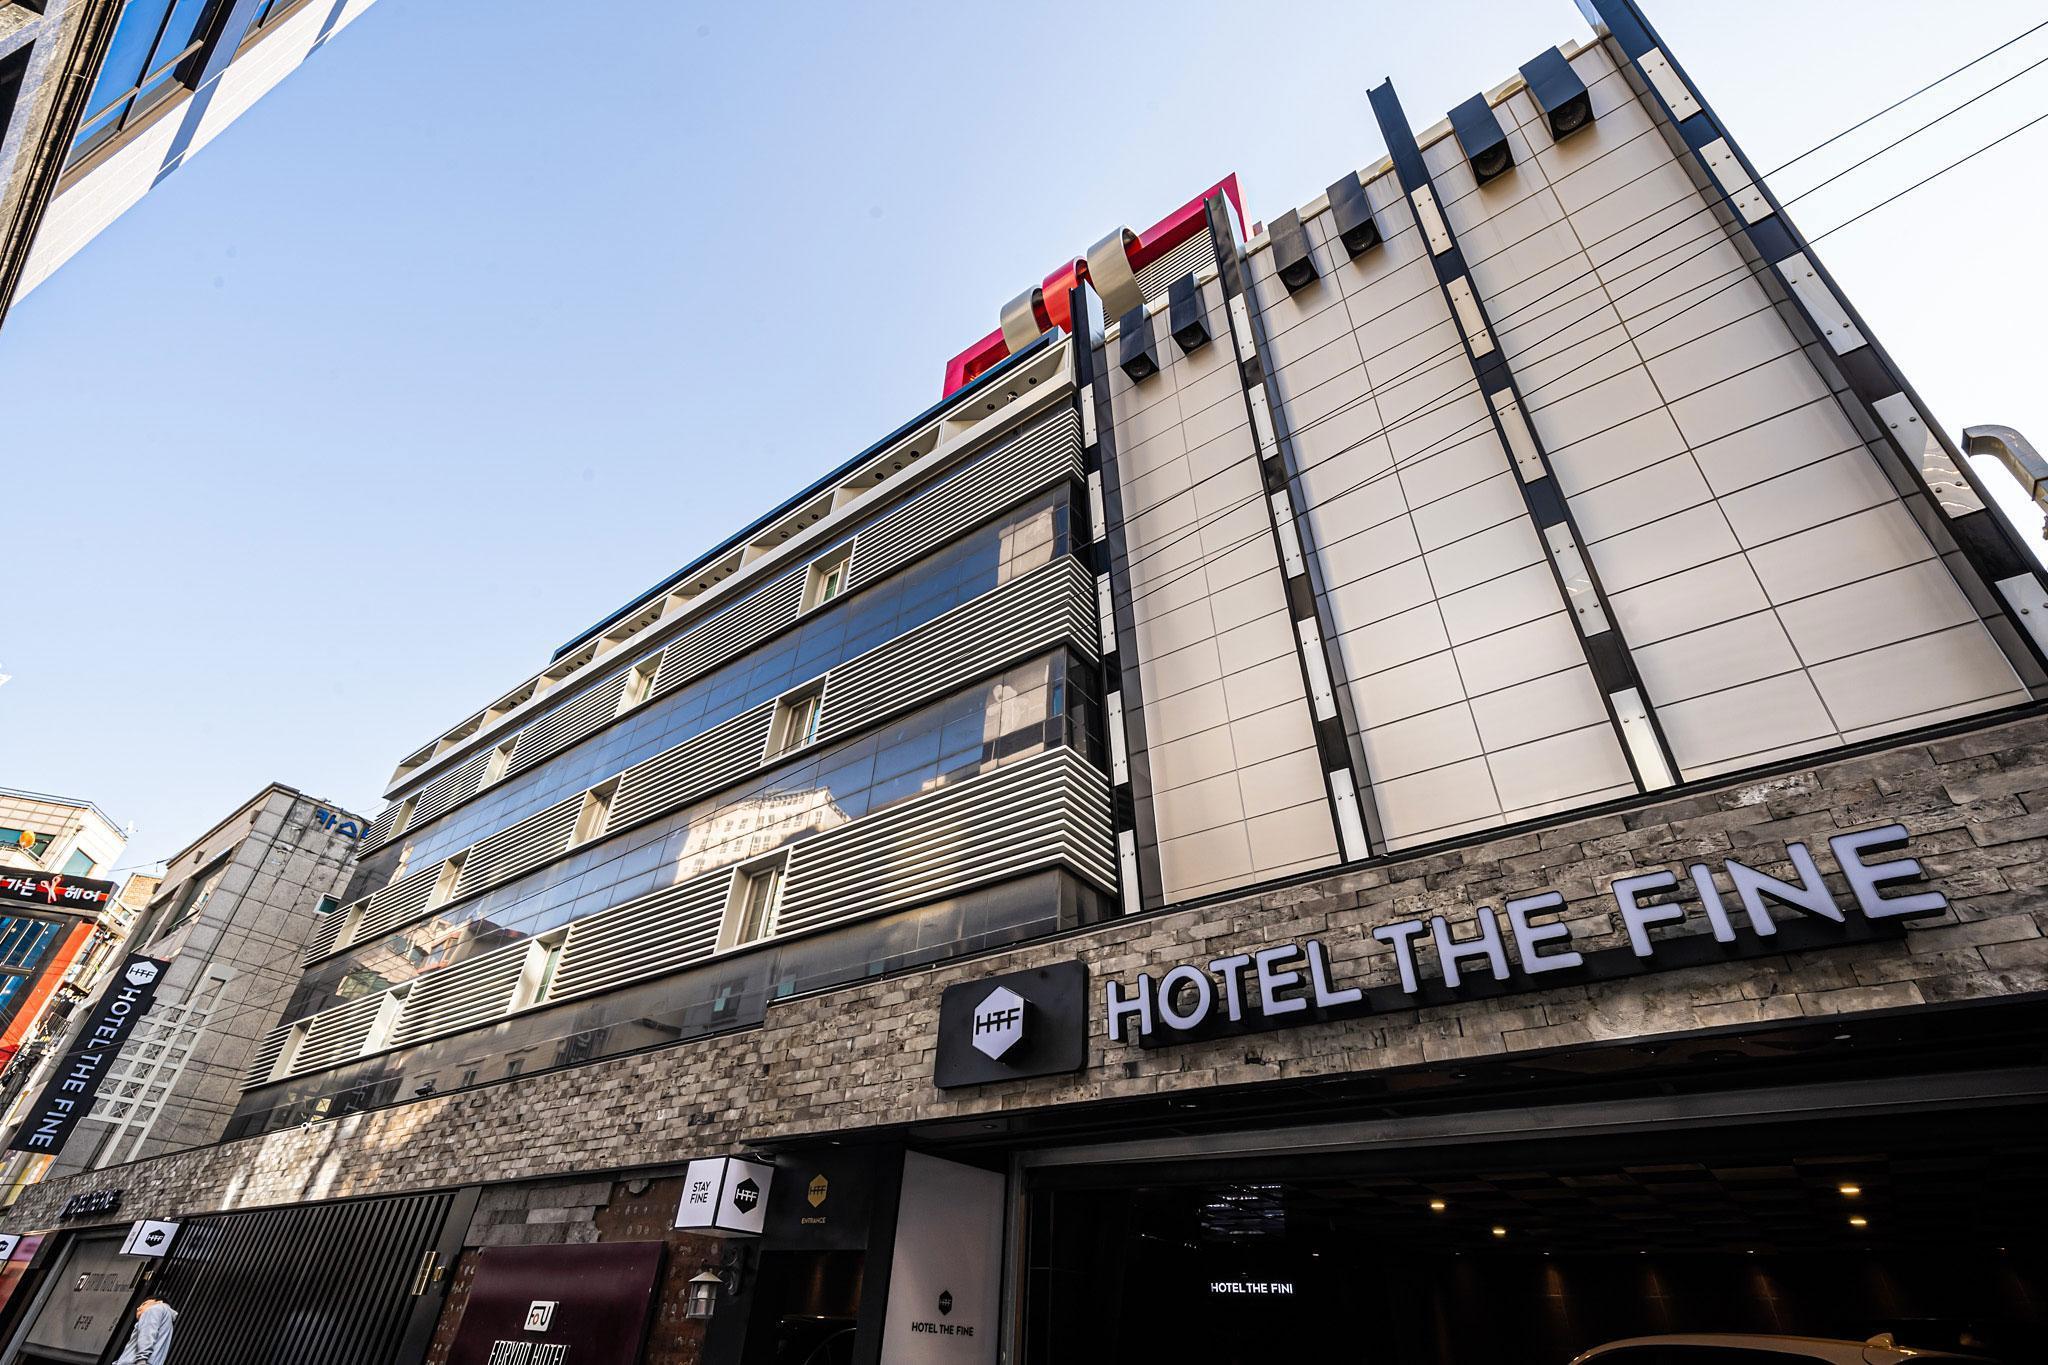 Uijeongbu Hotel The Fine